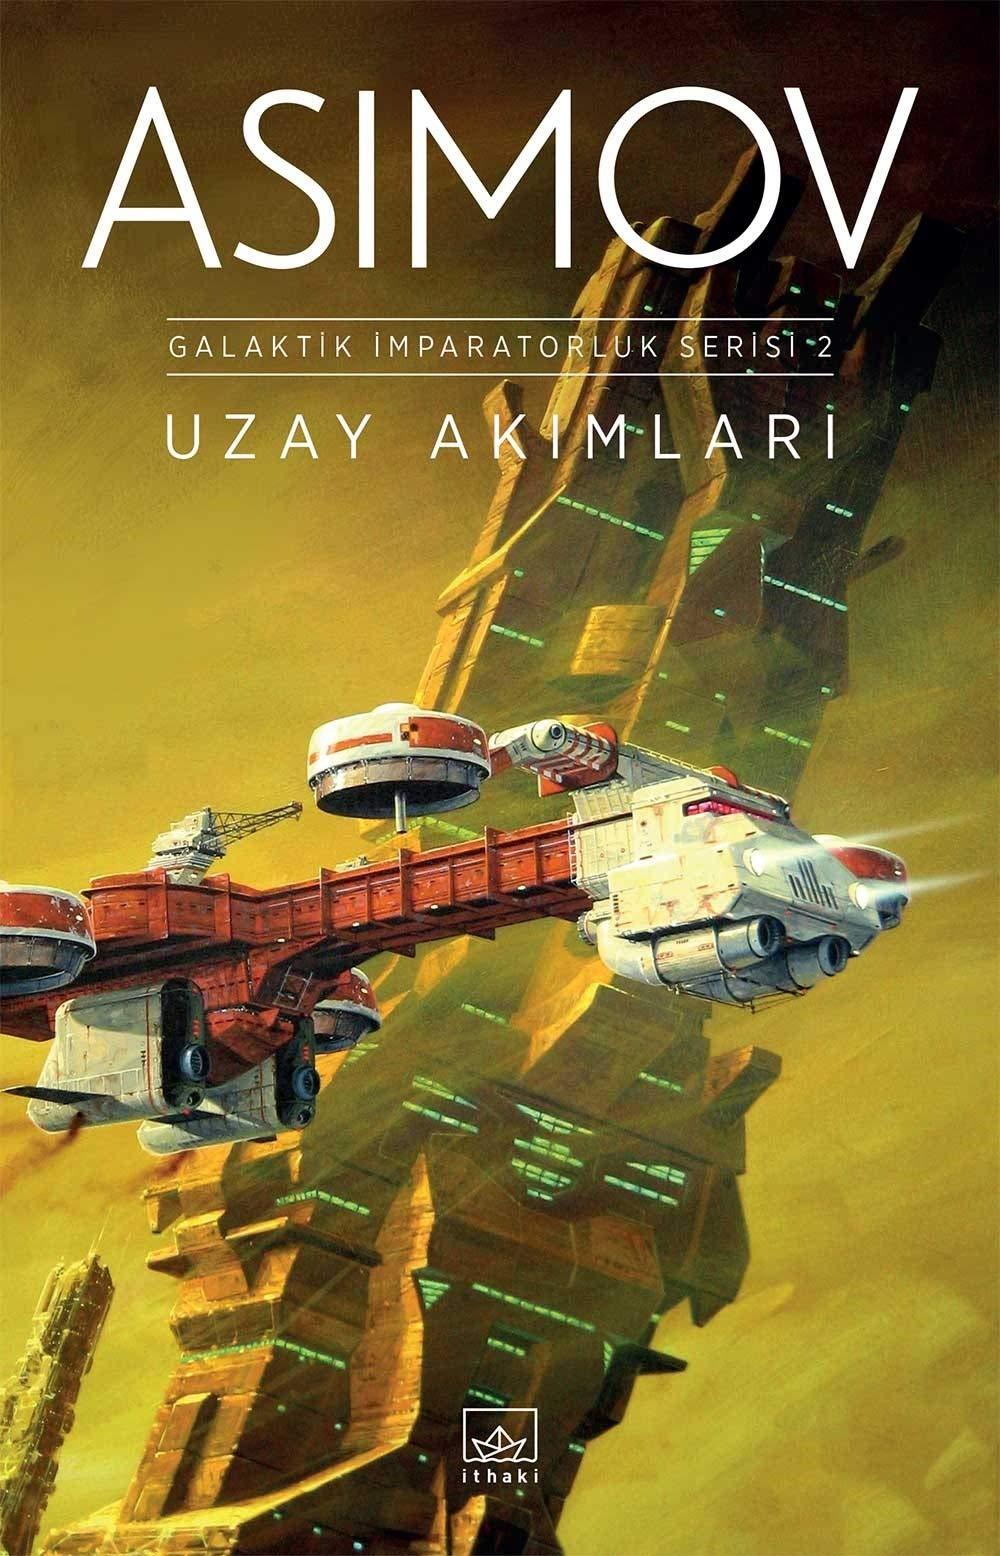 Uzay Akımları; Galaktik İmparatorluk Serisi 2